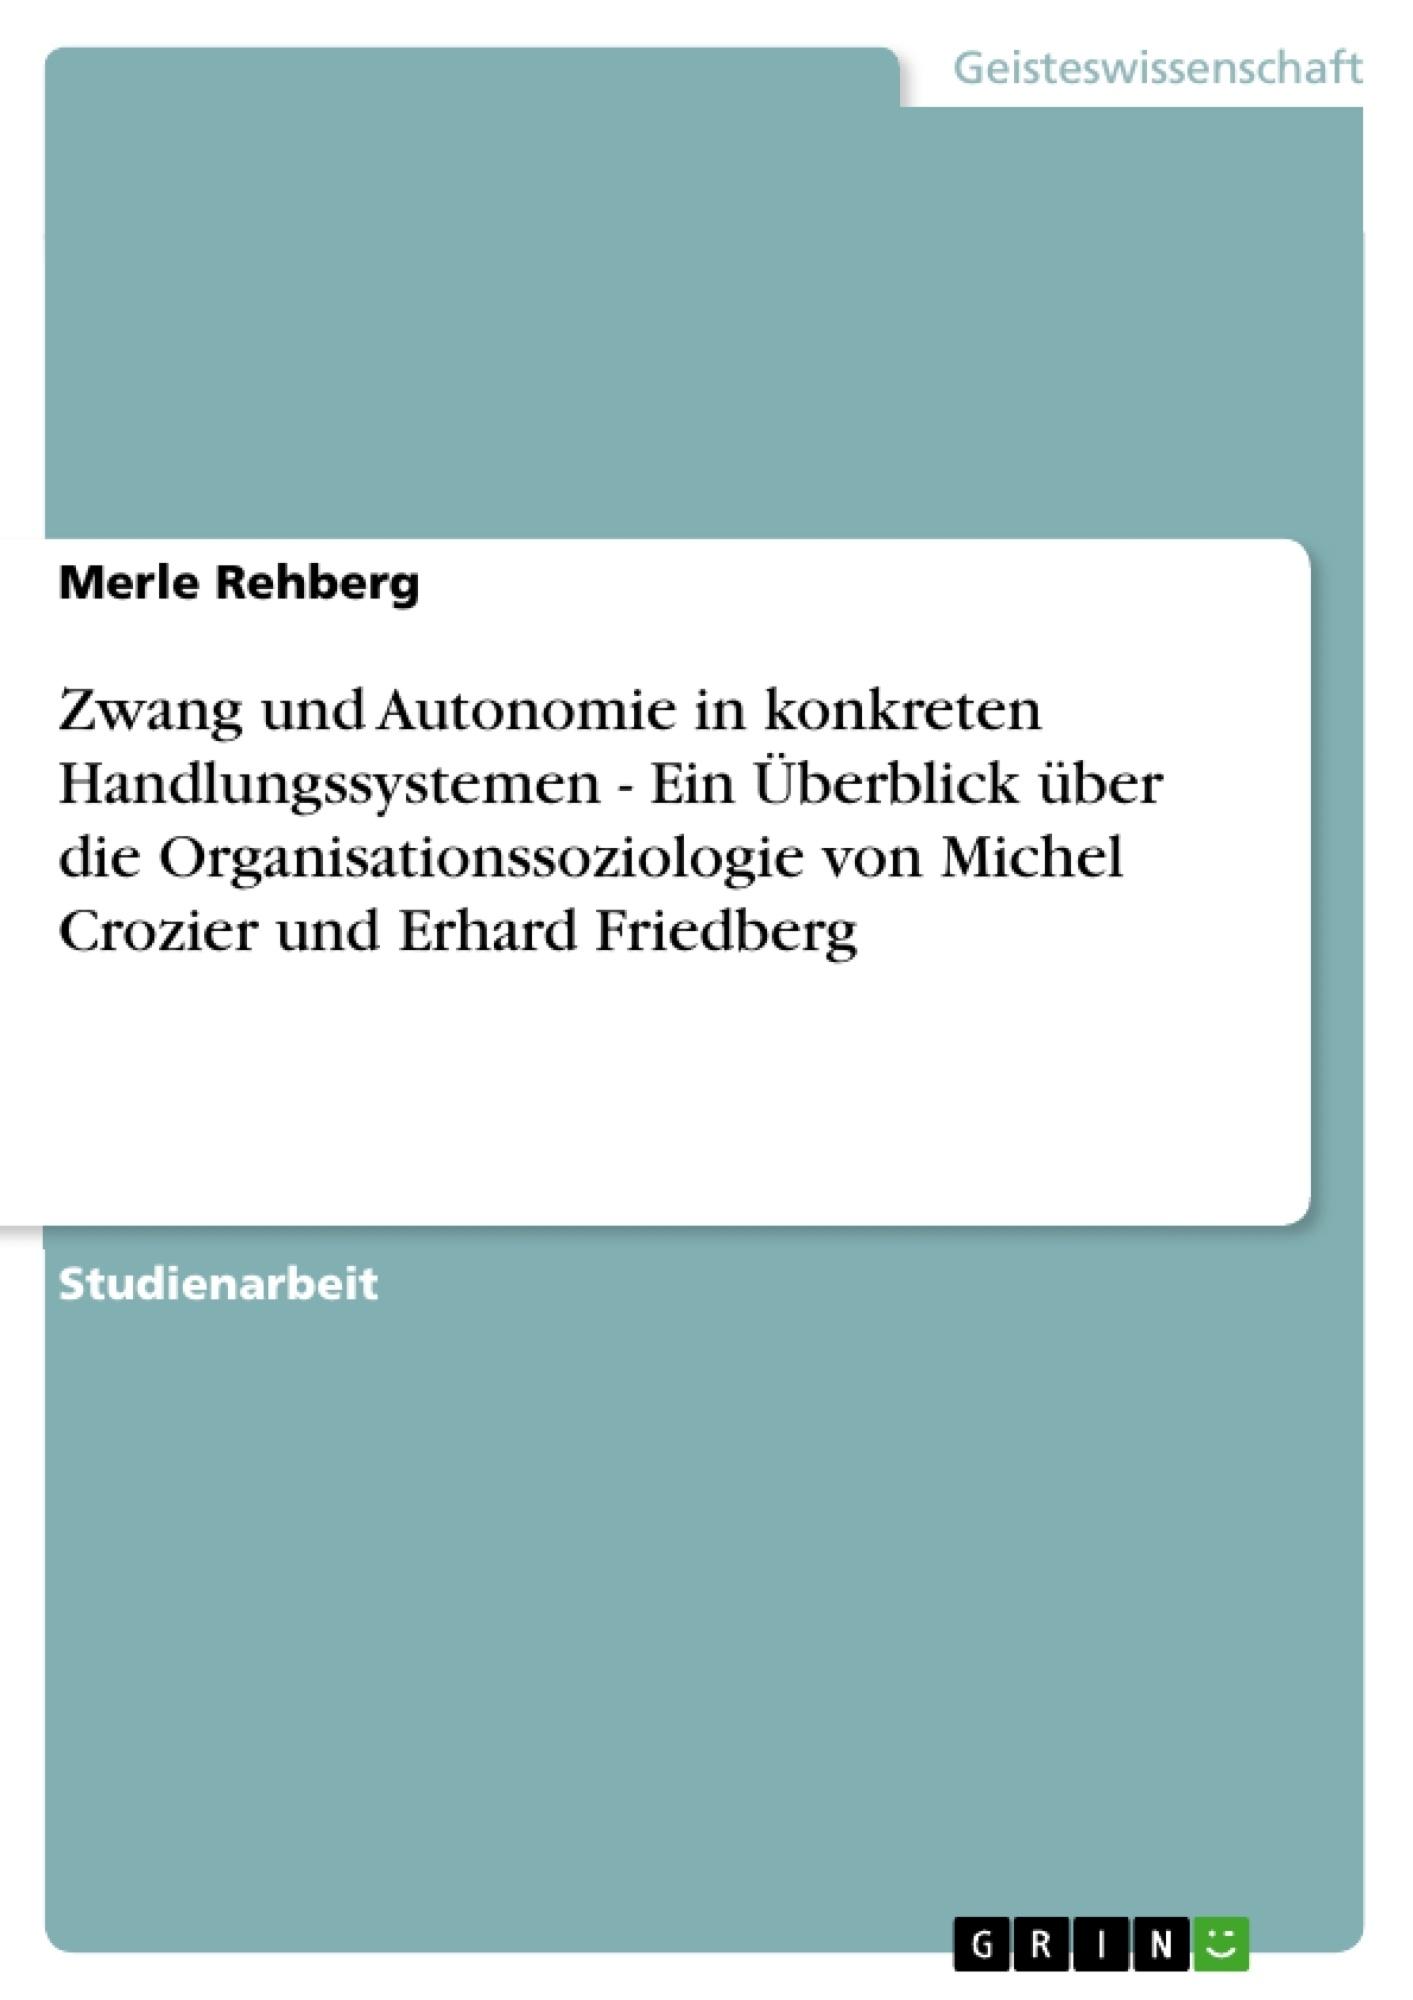 Titel: Zwang und Autonomie in konkreten Handlungssystemen - Ein Überblick über die Organisationssoziologie von Michel Crozier und Erhard Friedberg